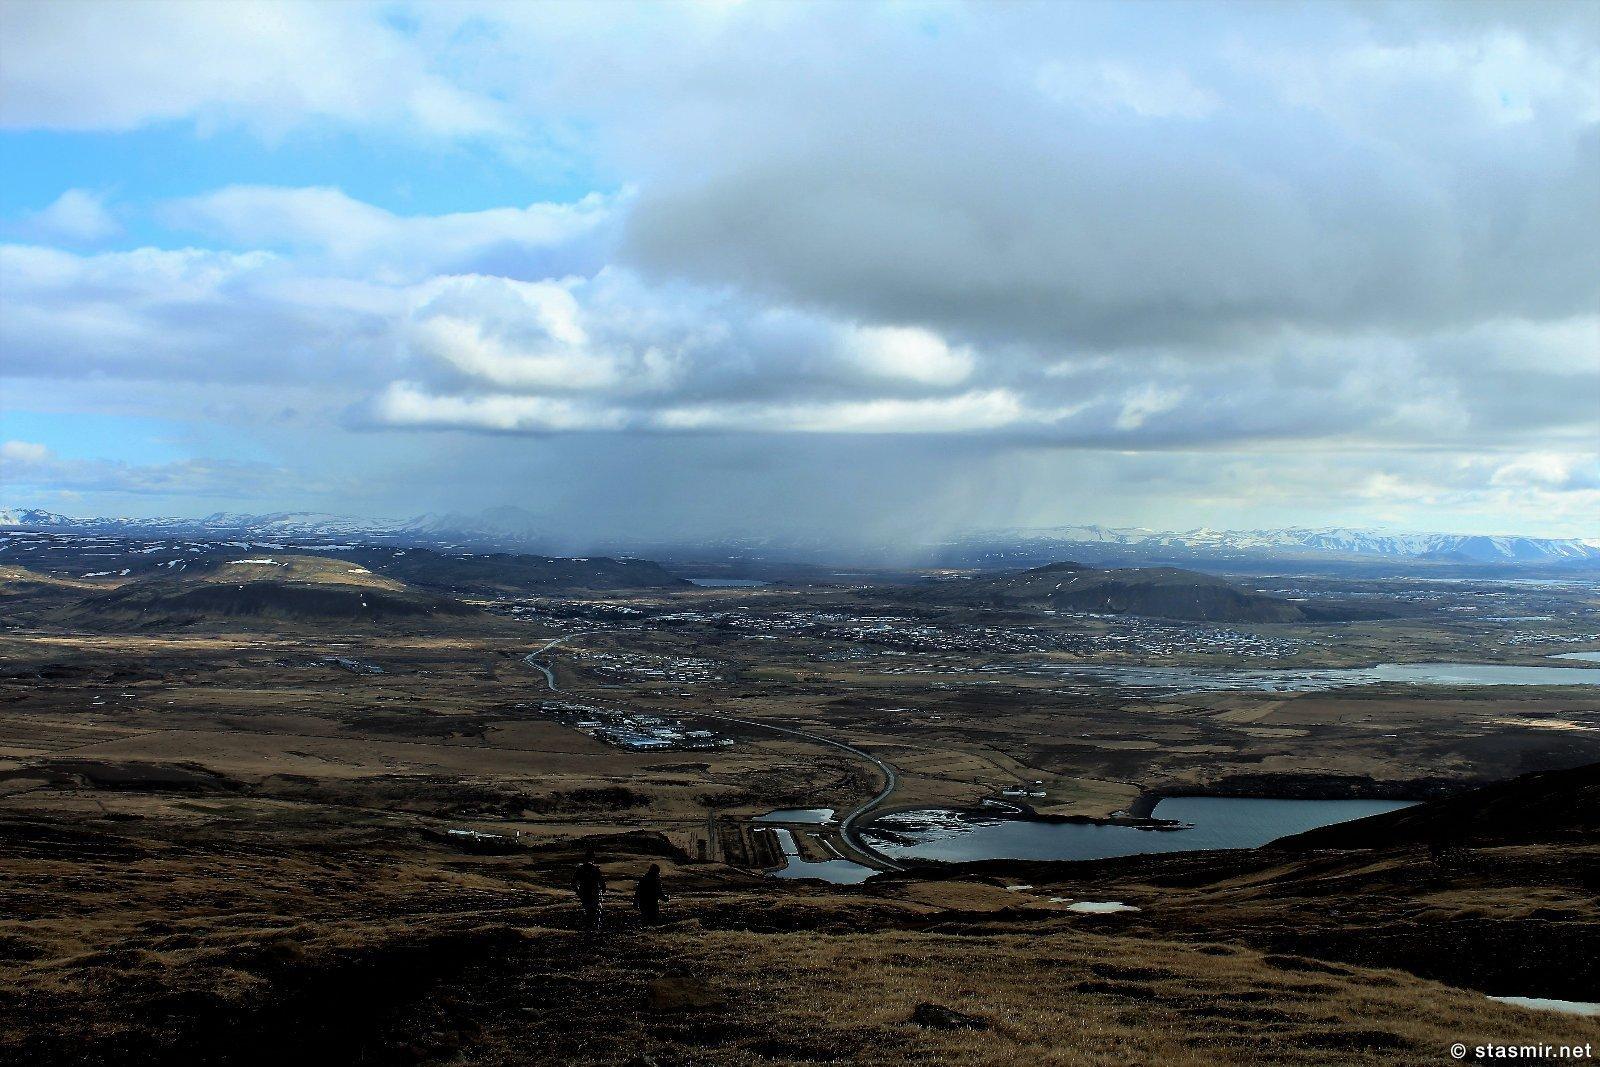 вид с горы Эсья на Рейкьявик, фото Стасмир, photo Stasmir